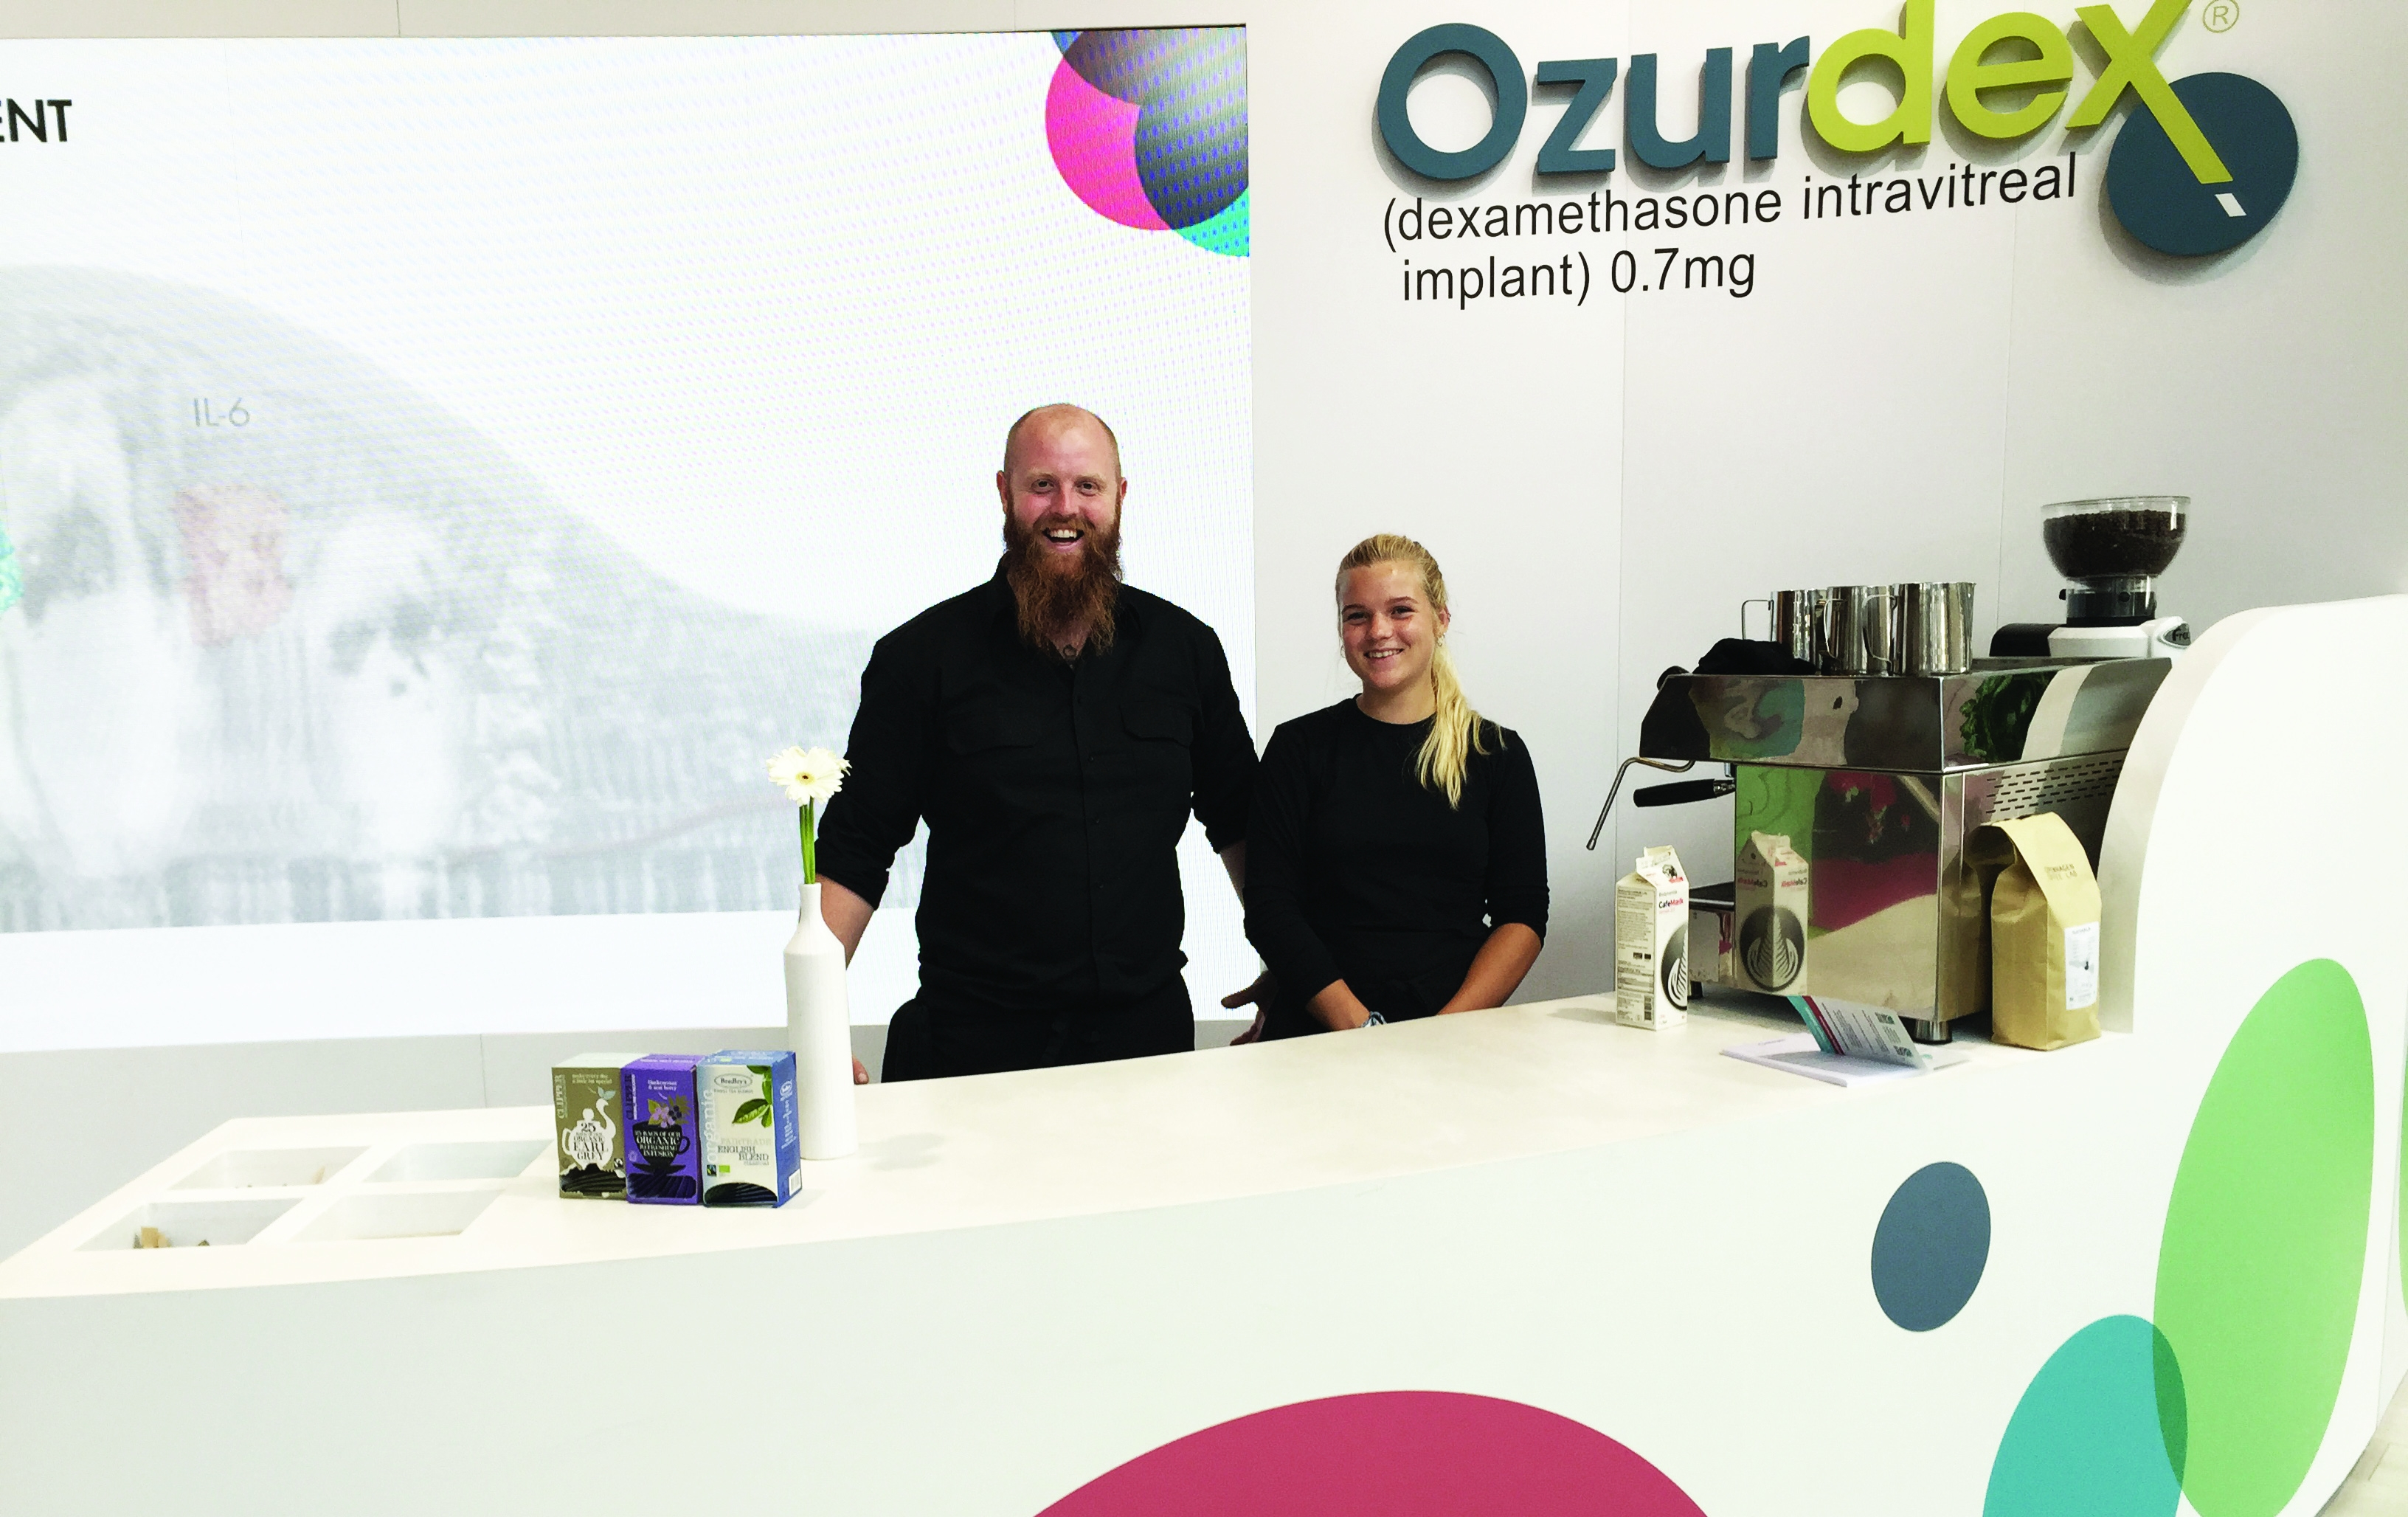 Ozurdex-kaffebar-e1483620472418